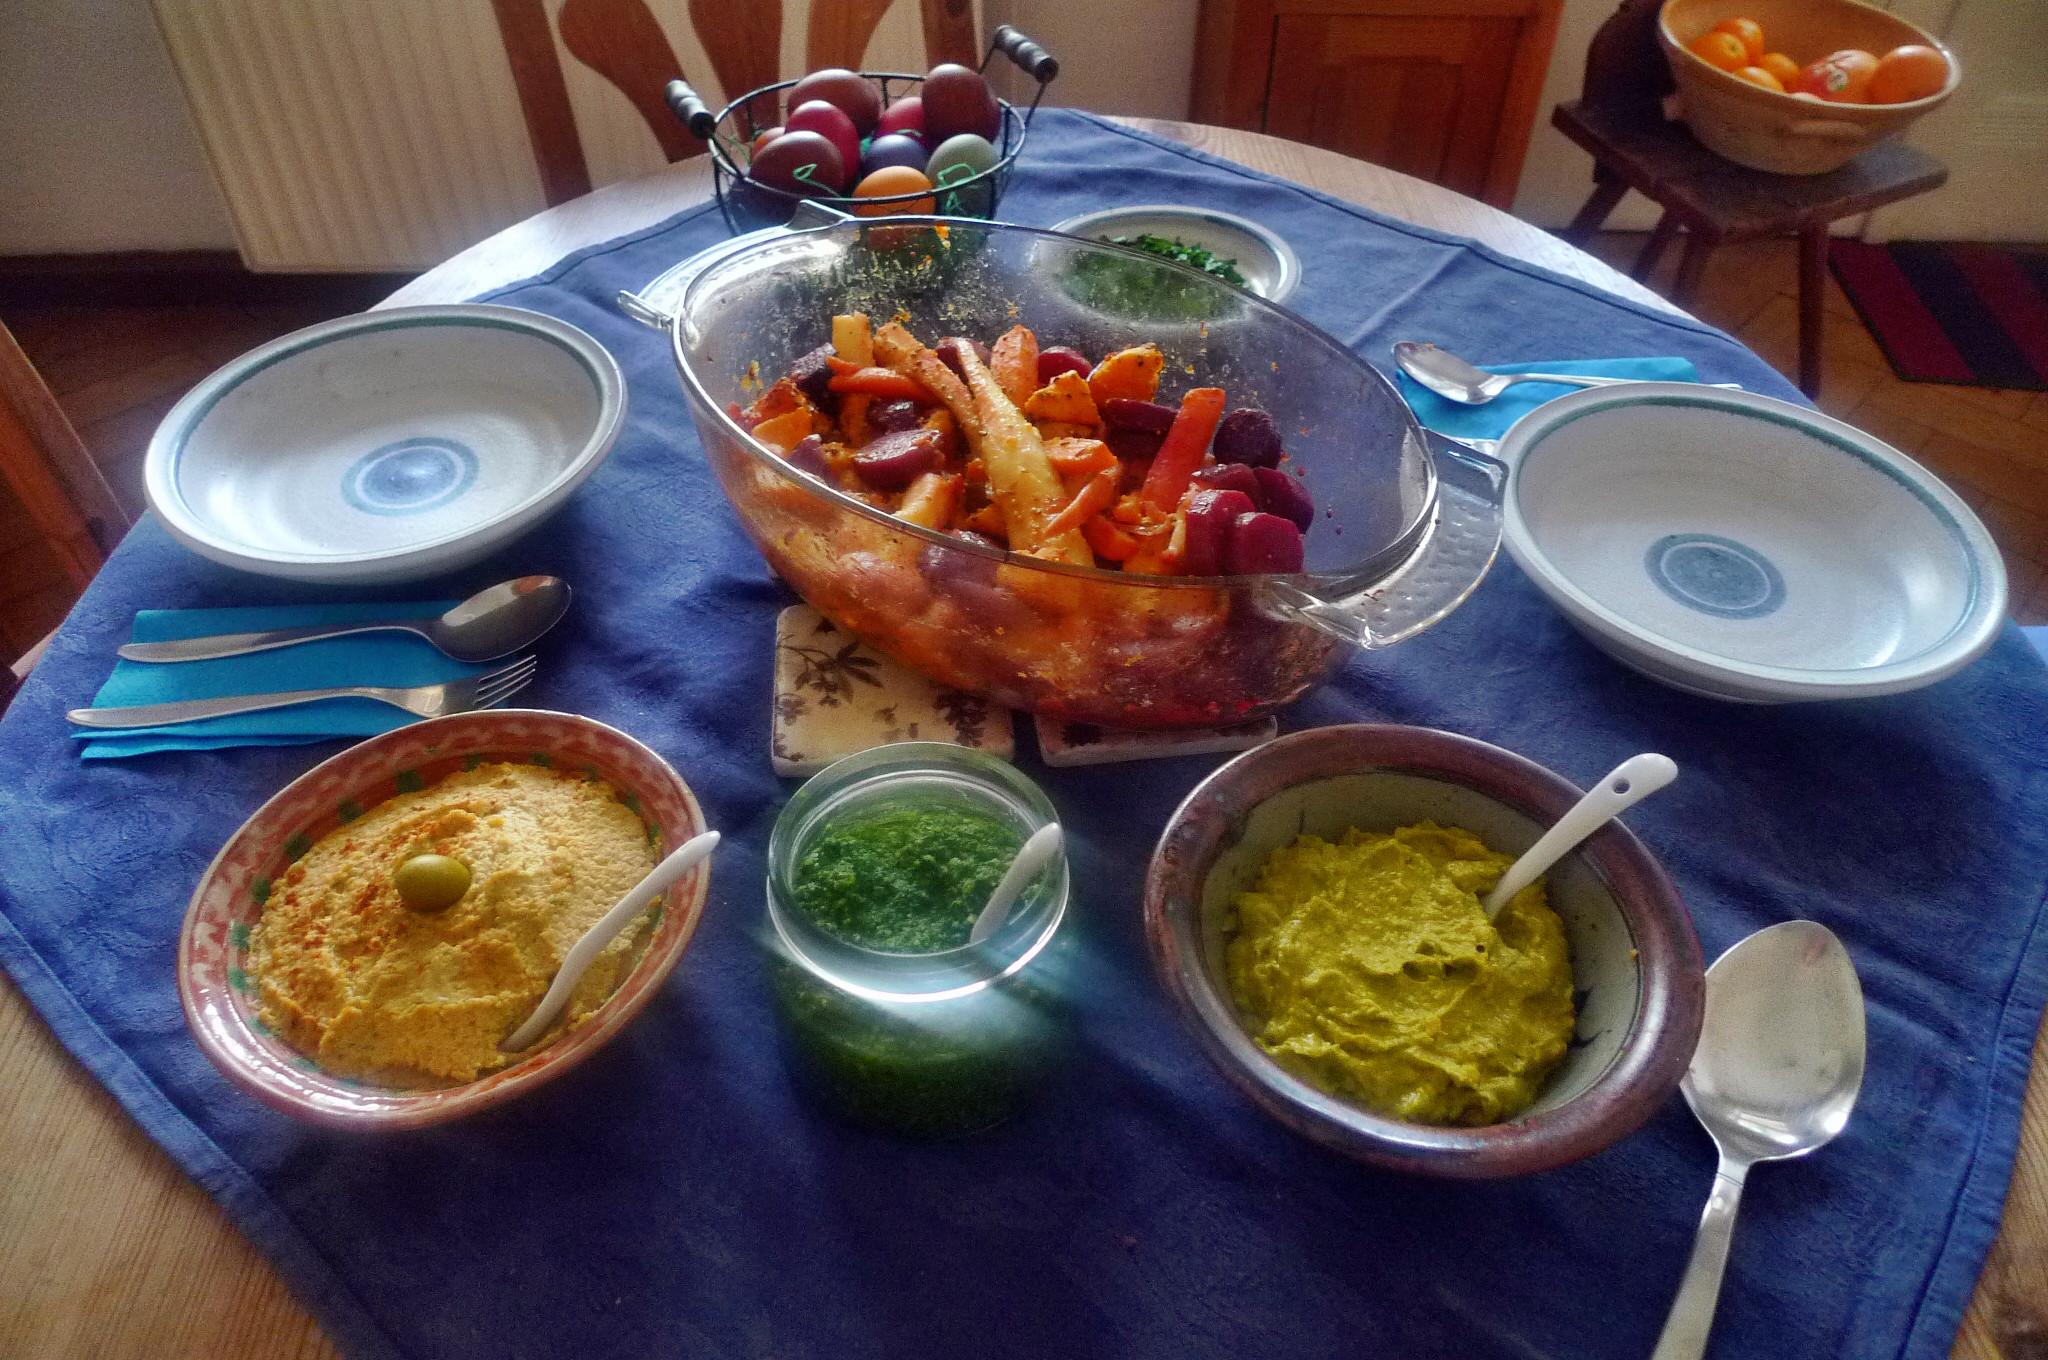 Ofengebackenes Würzelgemüse,Hummus,Guacamole -5.4.15   (11)